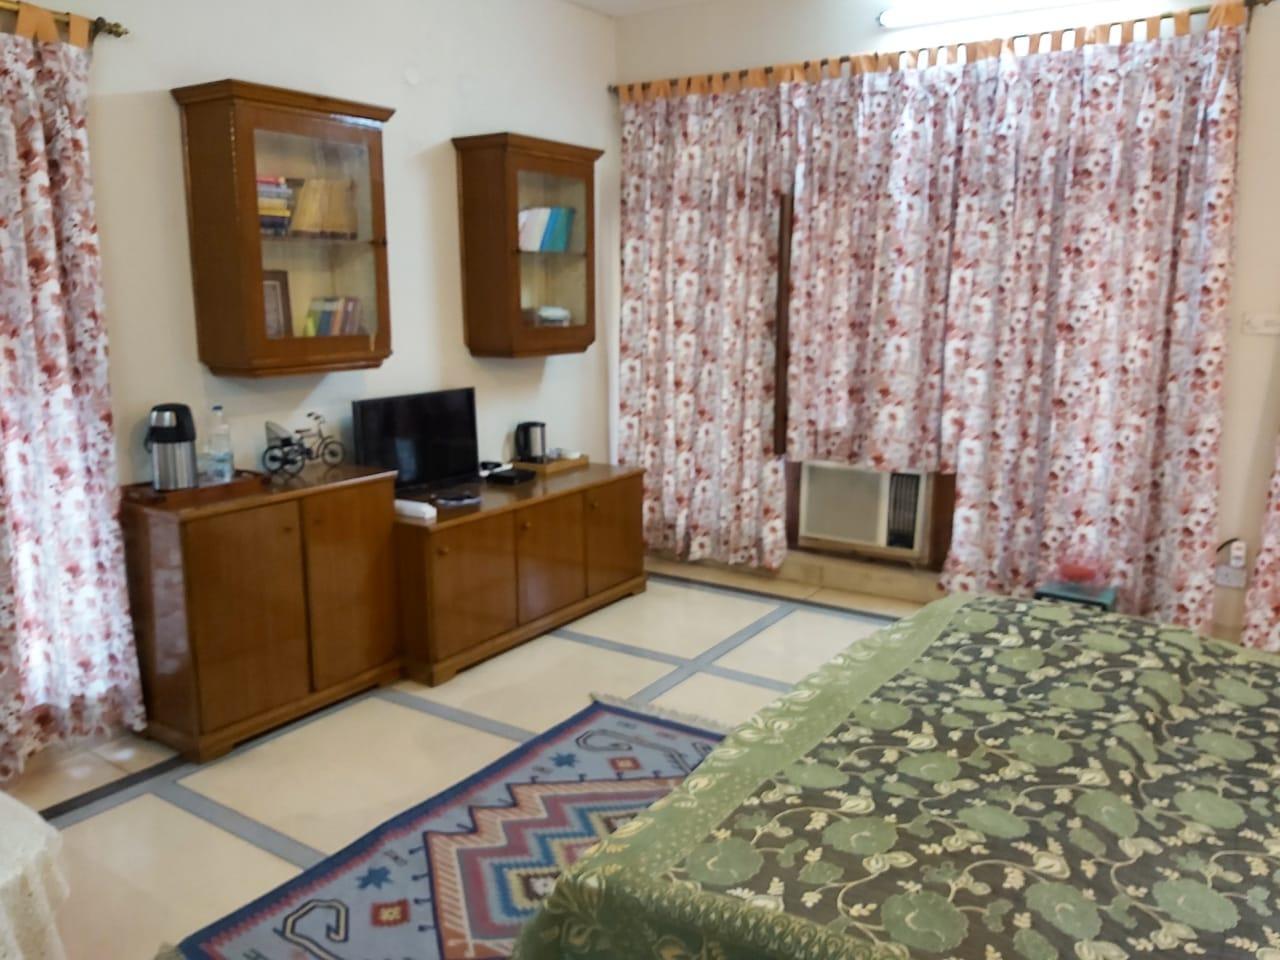 https://www.ogabnb.com/images/hotels/lx62pgq42u59ci1omzy2.jpeg